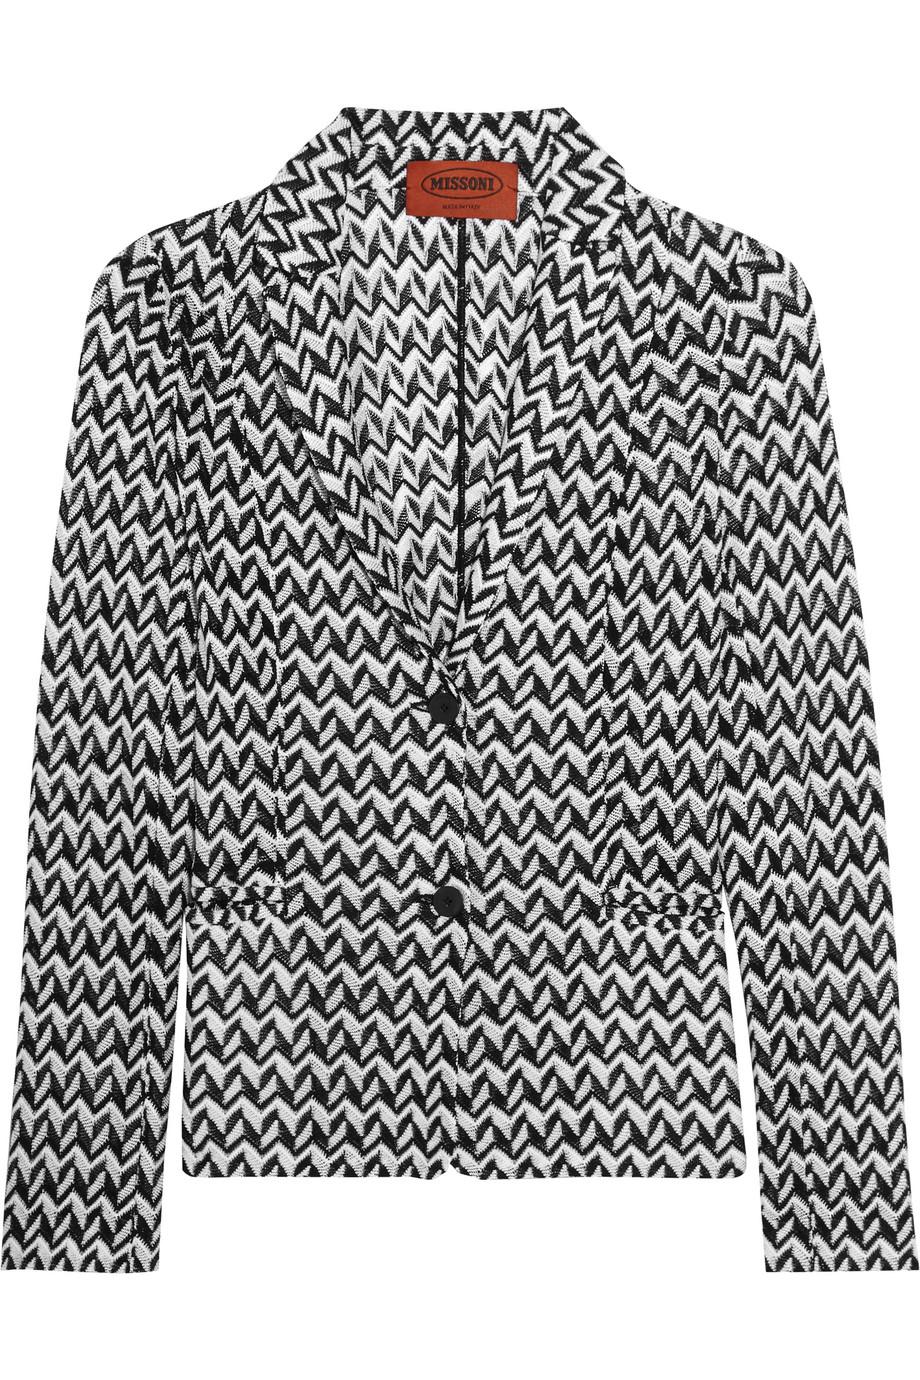 Missoni Crochet-Knit Blazer, Black/White, Women's, Size: 42